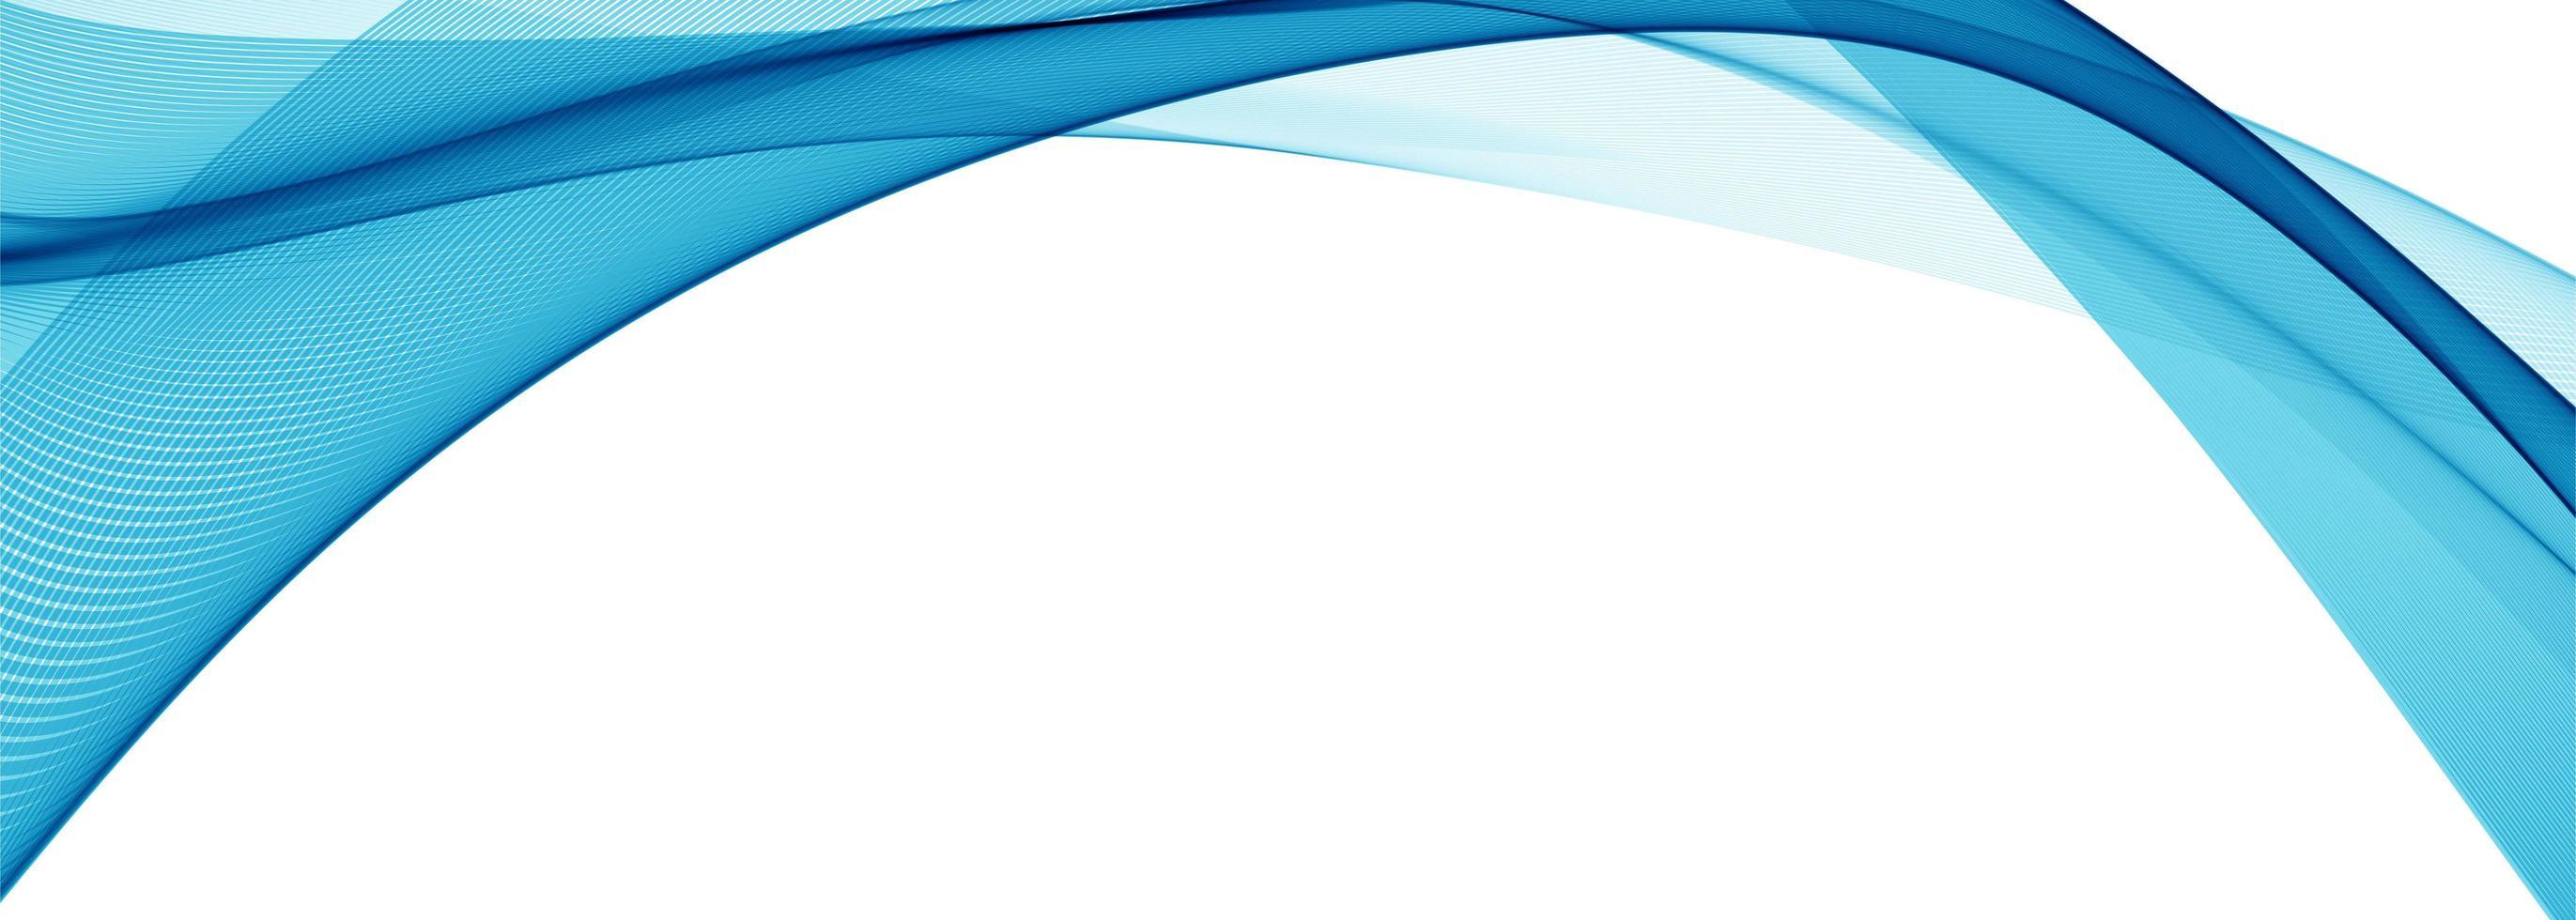 Fond de bannière moderne vague bleue élégante vecteur